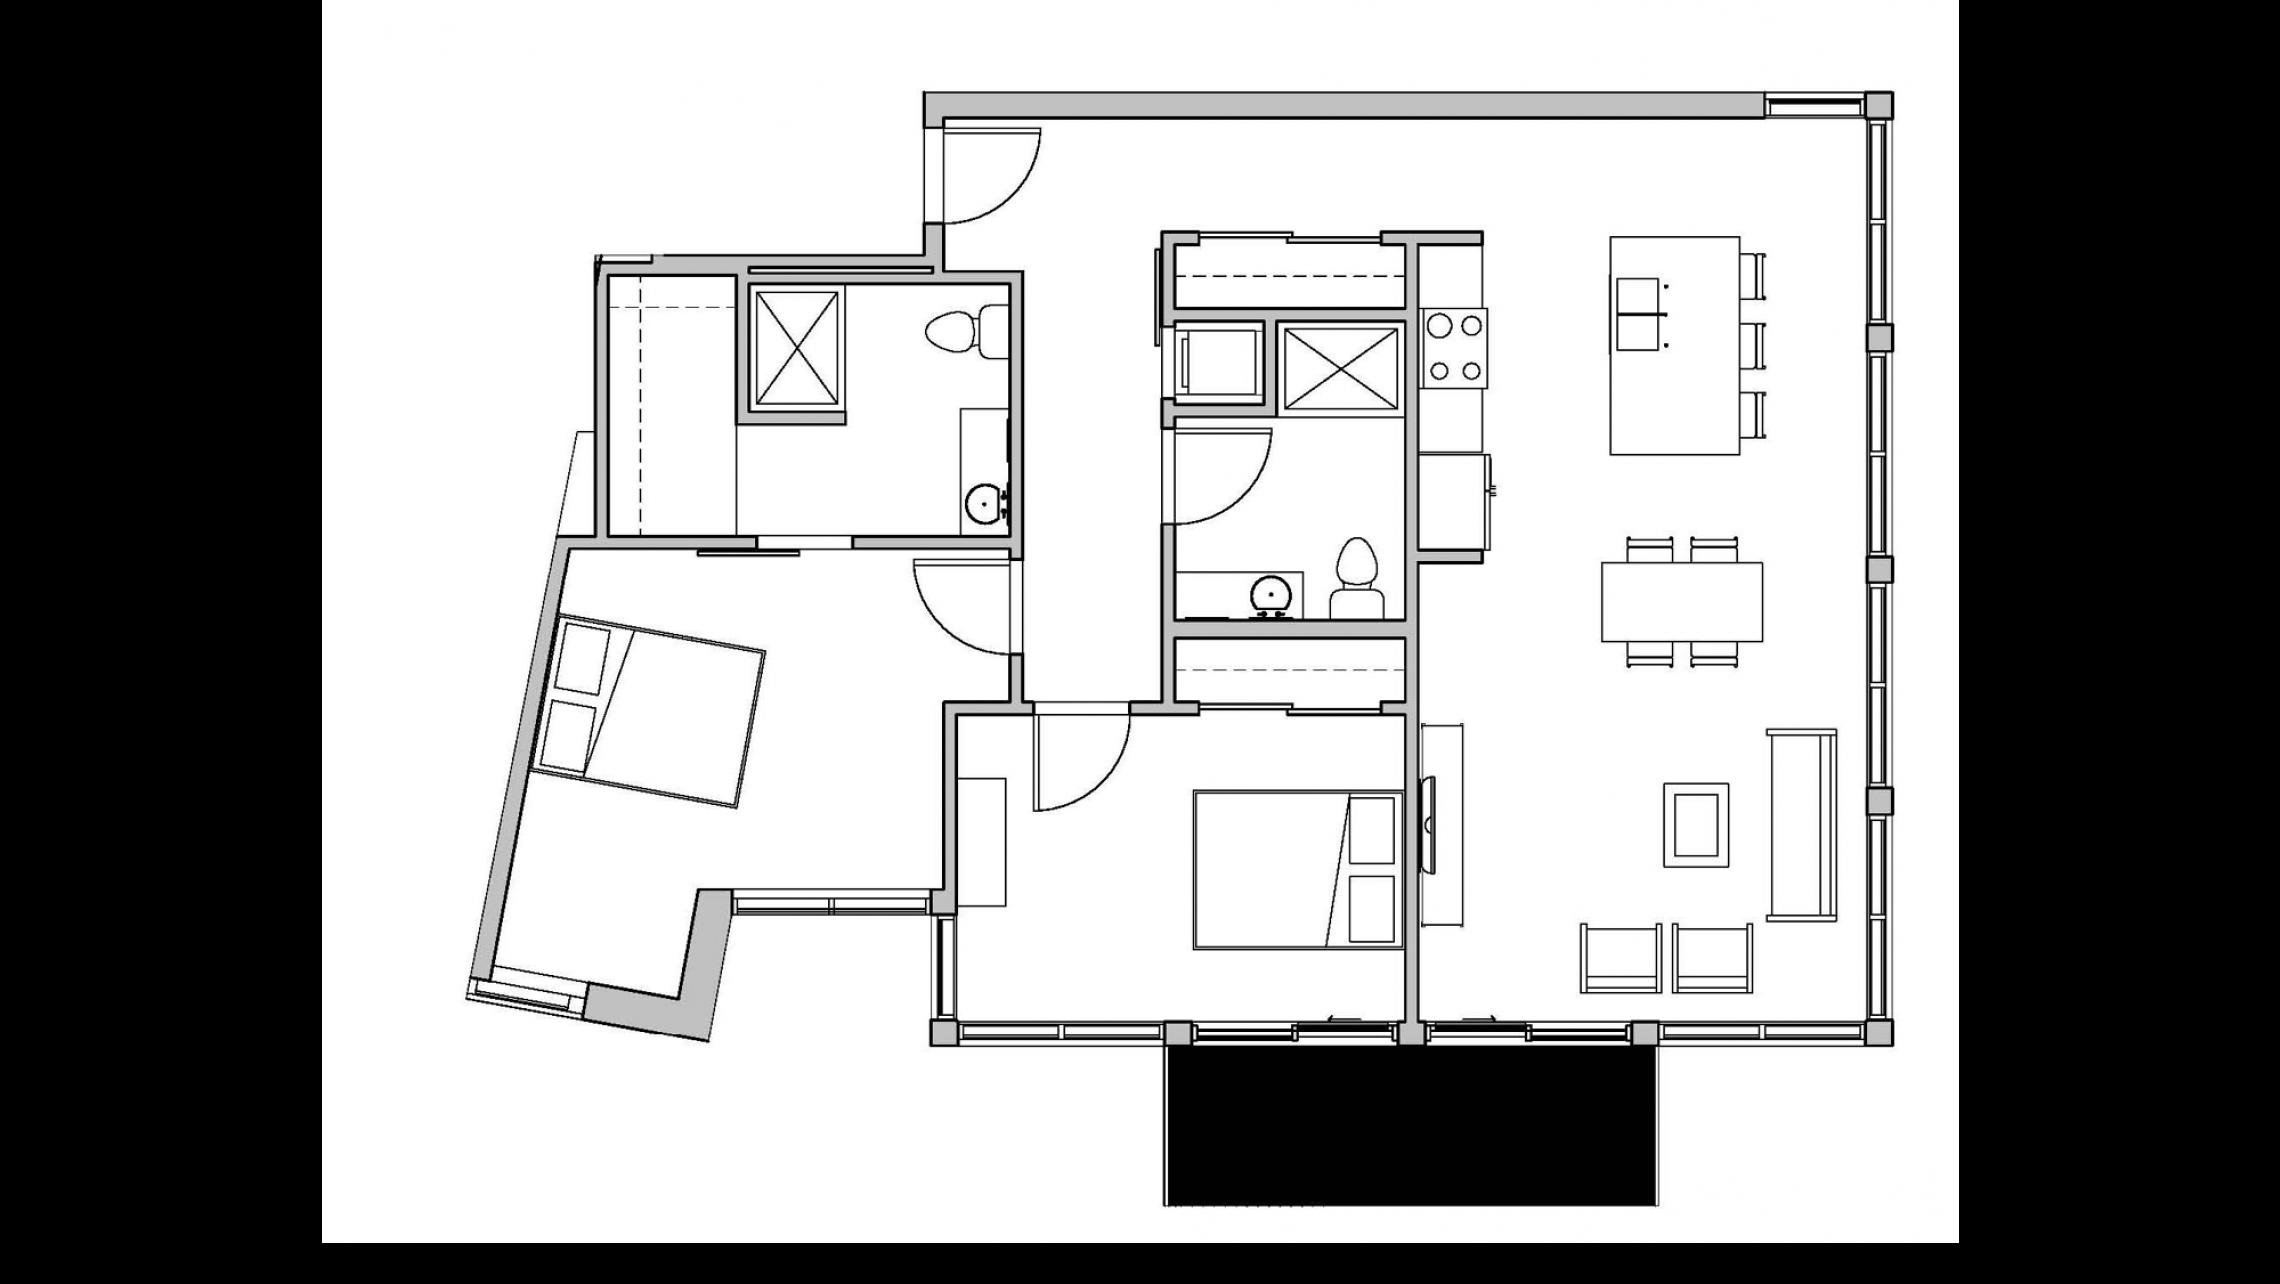 ULI Seven27 324 - Two Bedroom, Two Bathroom